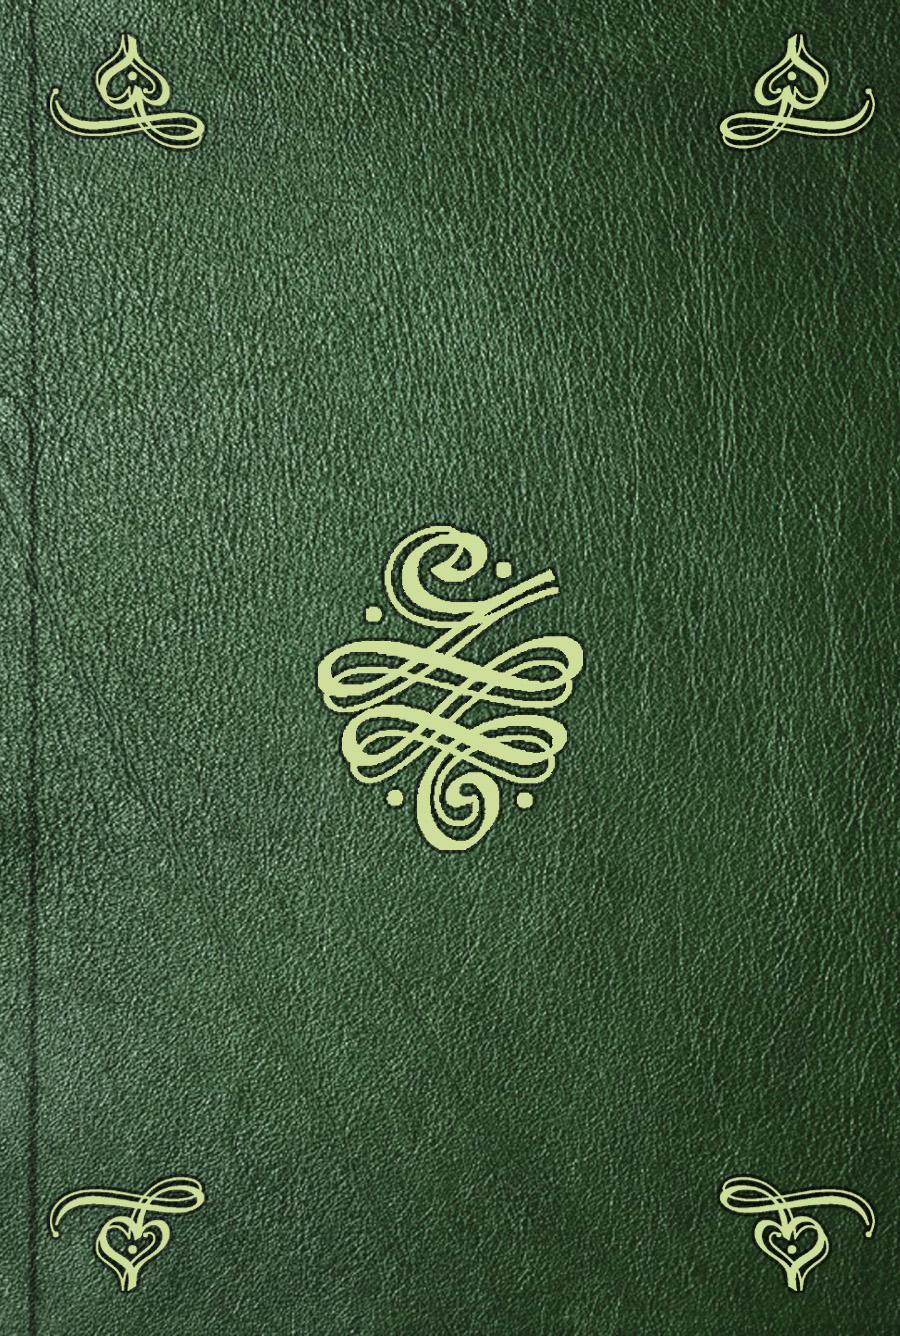 Robert Le Suire Le crime ou lettres originales, contenant les aventures de Cesar de Perlencour. T. 2 gabrielle du chatelet lettres inédites